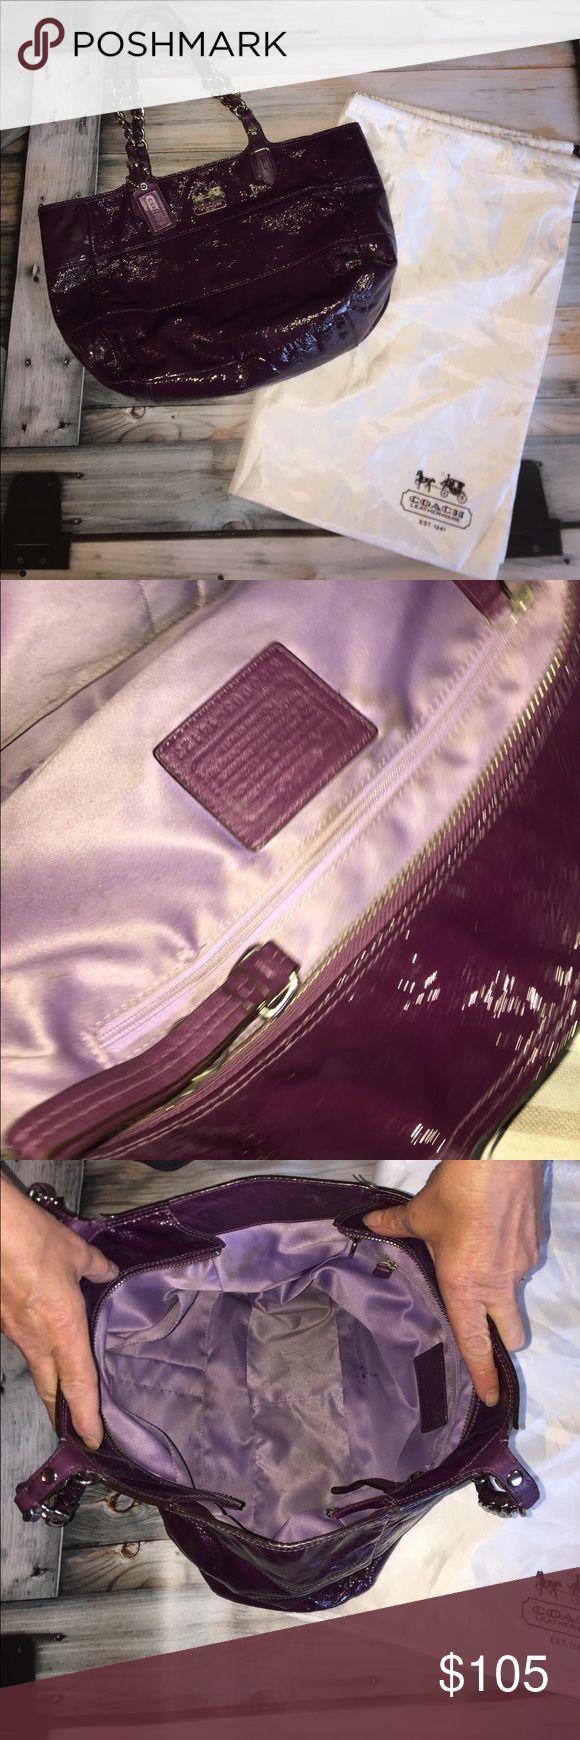 Authentic Coach Purple Shoulder Bag 5005 Purple Coach Shoulder Bag 16x10 Coach Bags Shoulder Bags